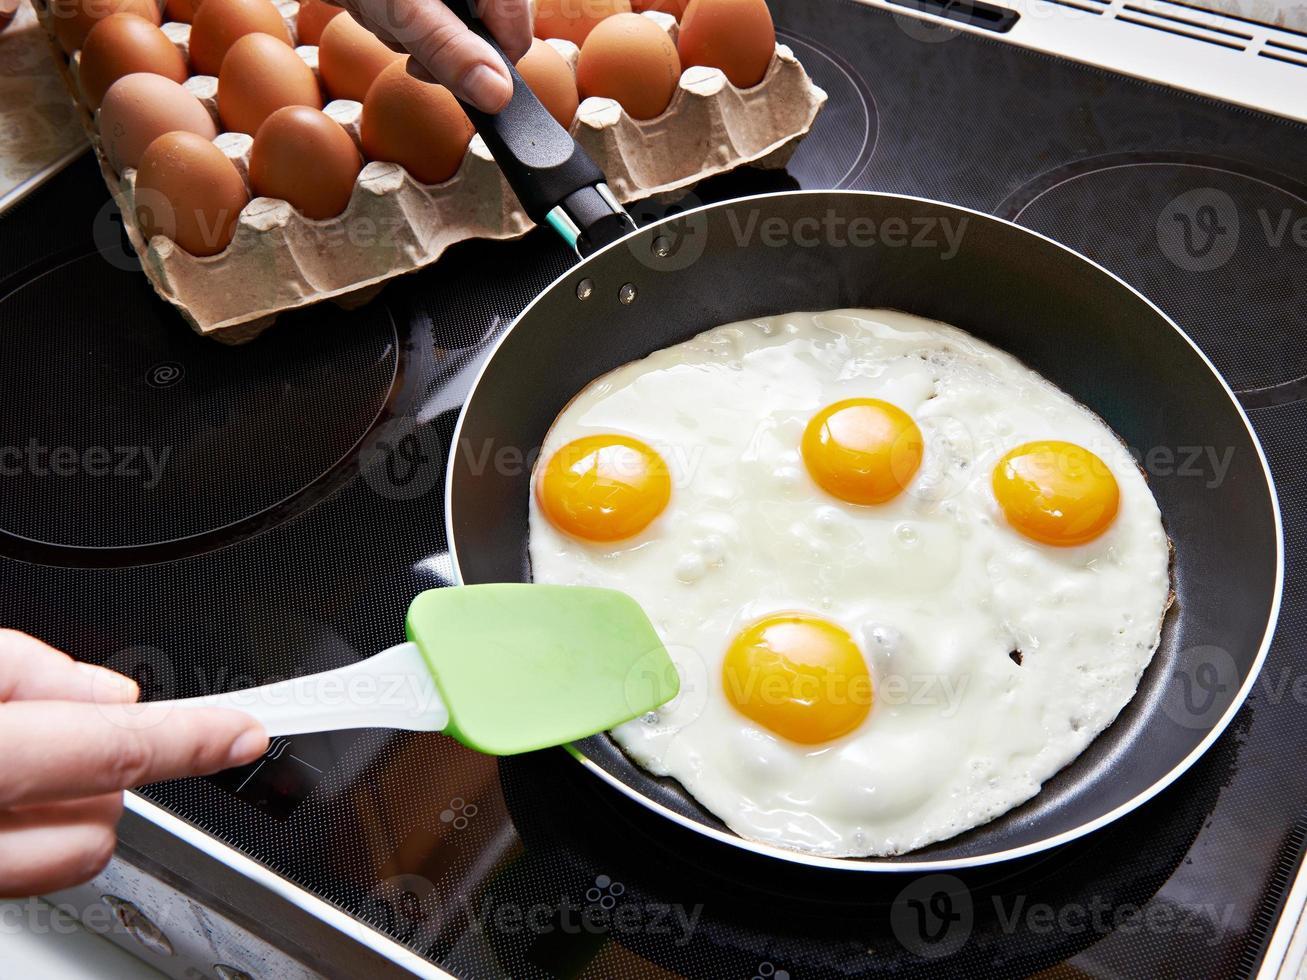 gebakken eieren close-up op keramische kookplaat foto